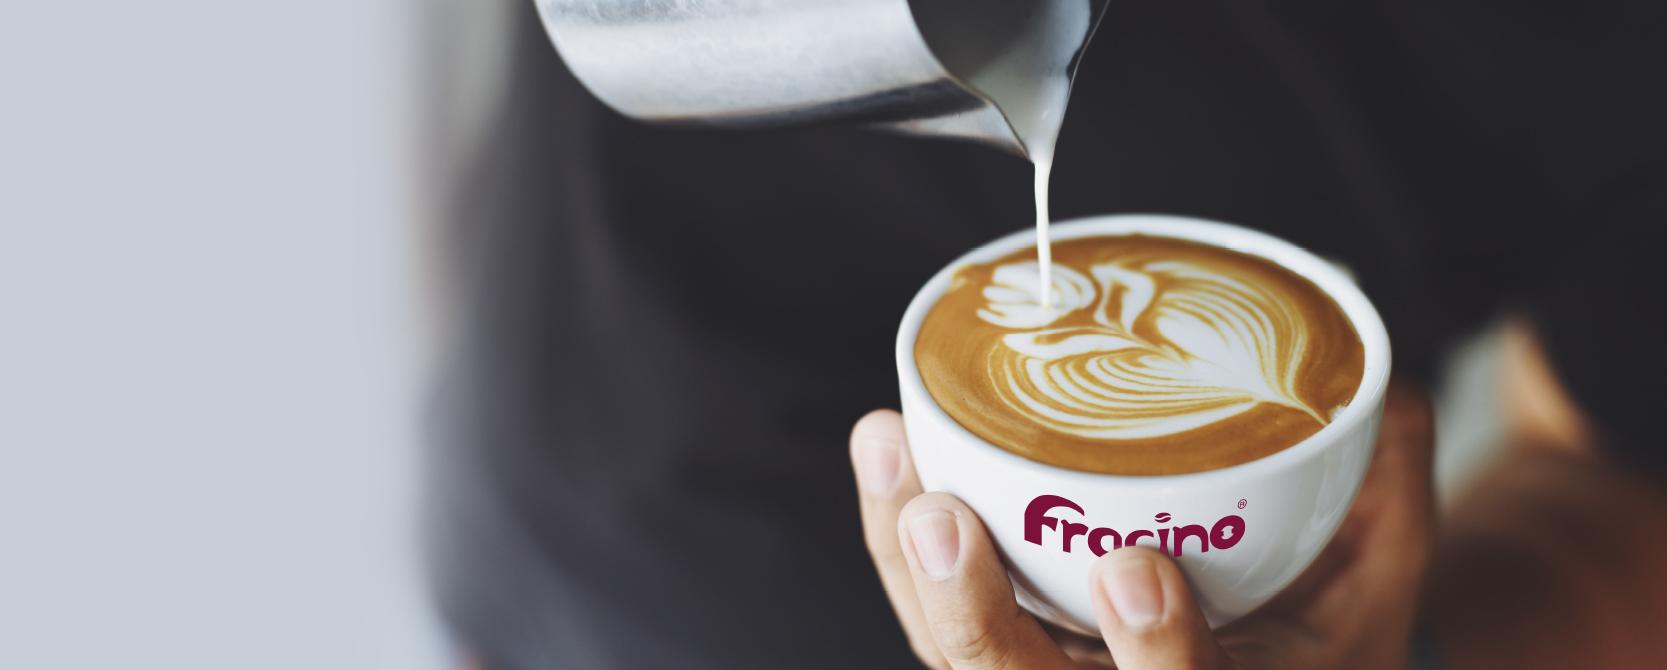 Classico Commercial Cappuccino Coffee & Espresso Machine